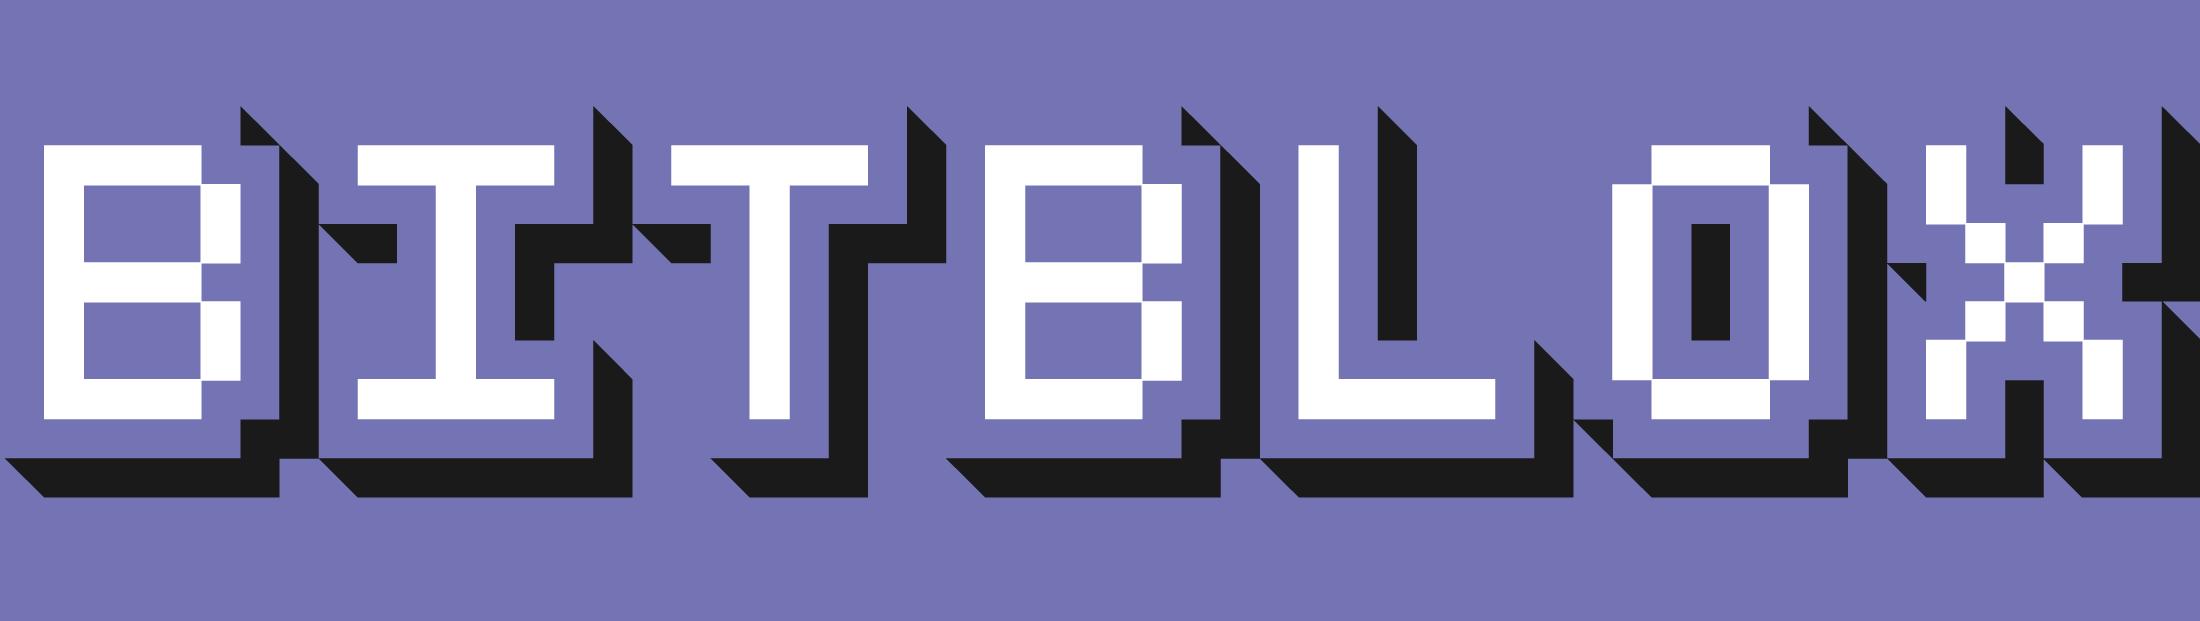 Bitblox Fonts